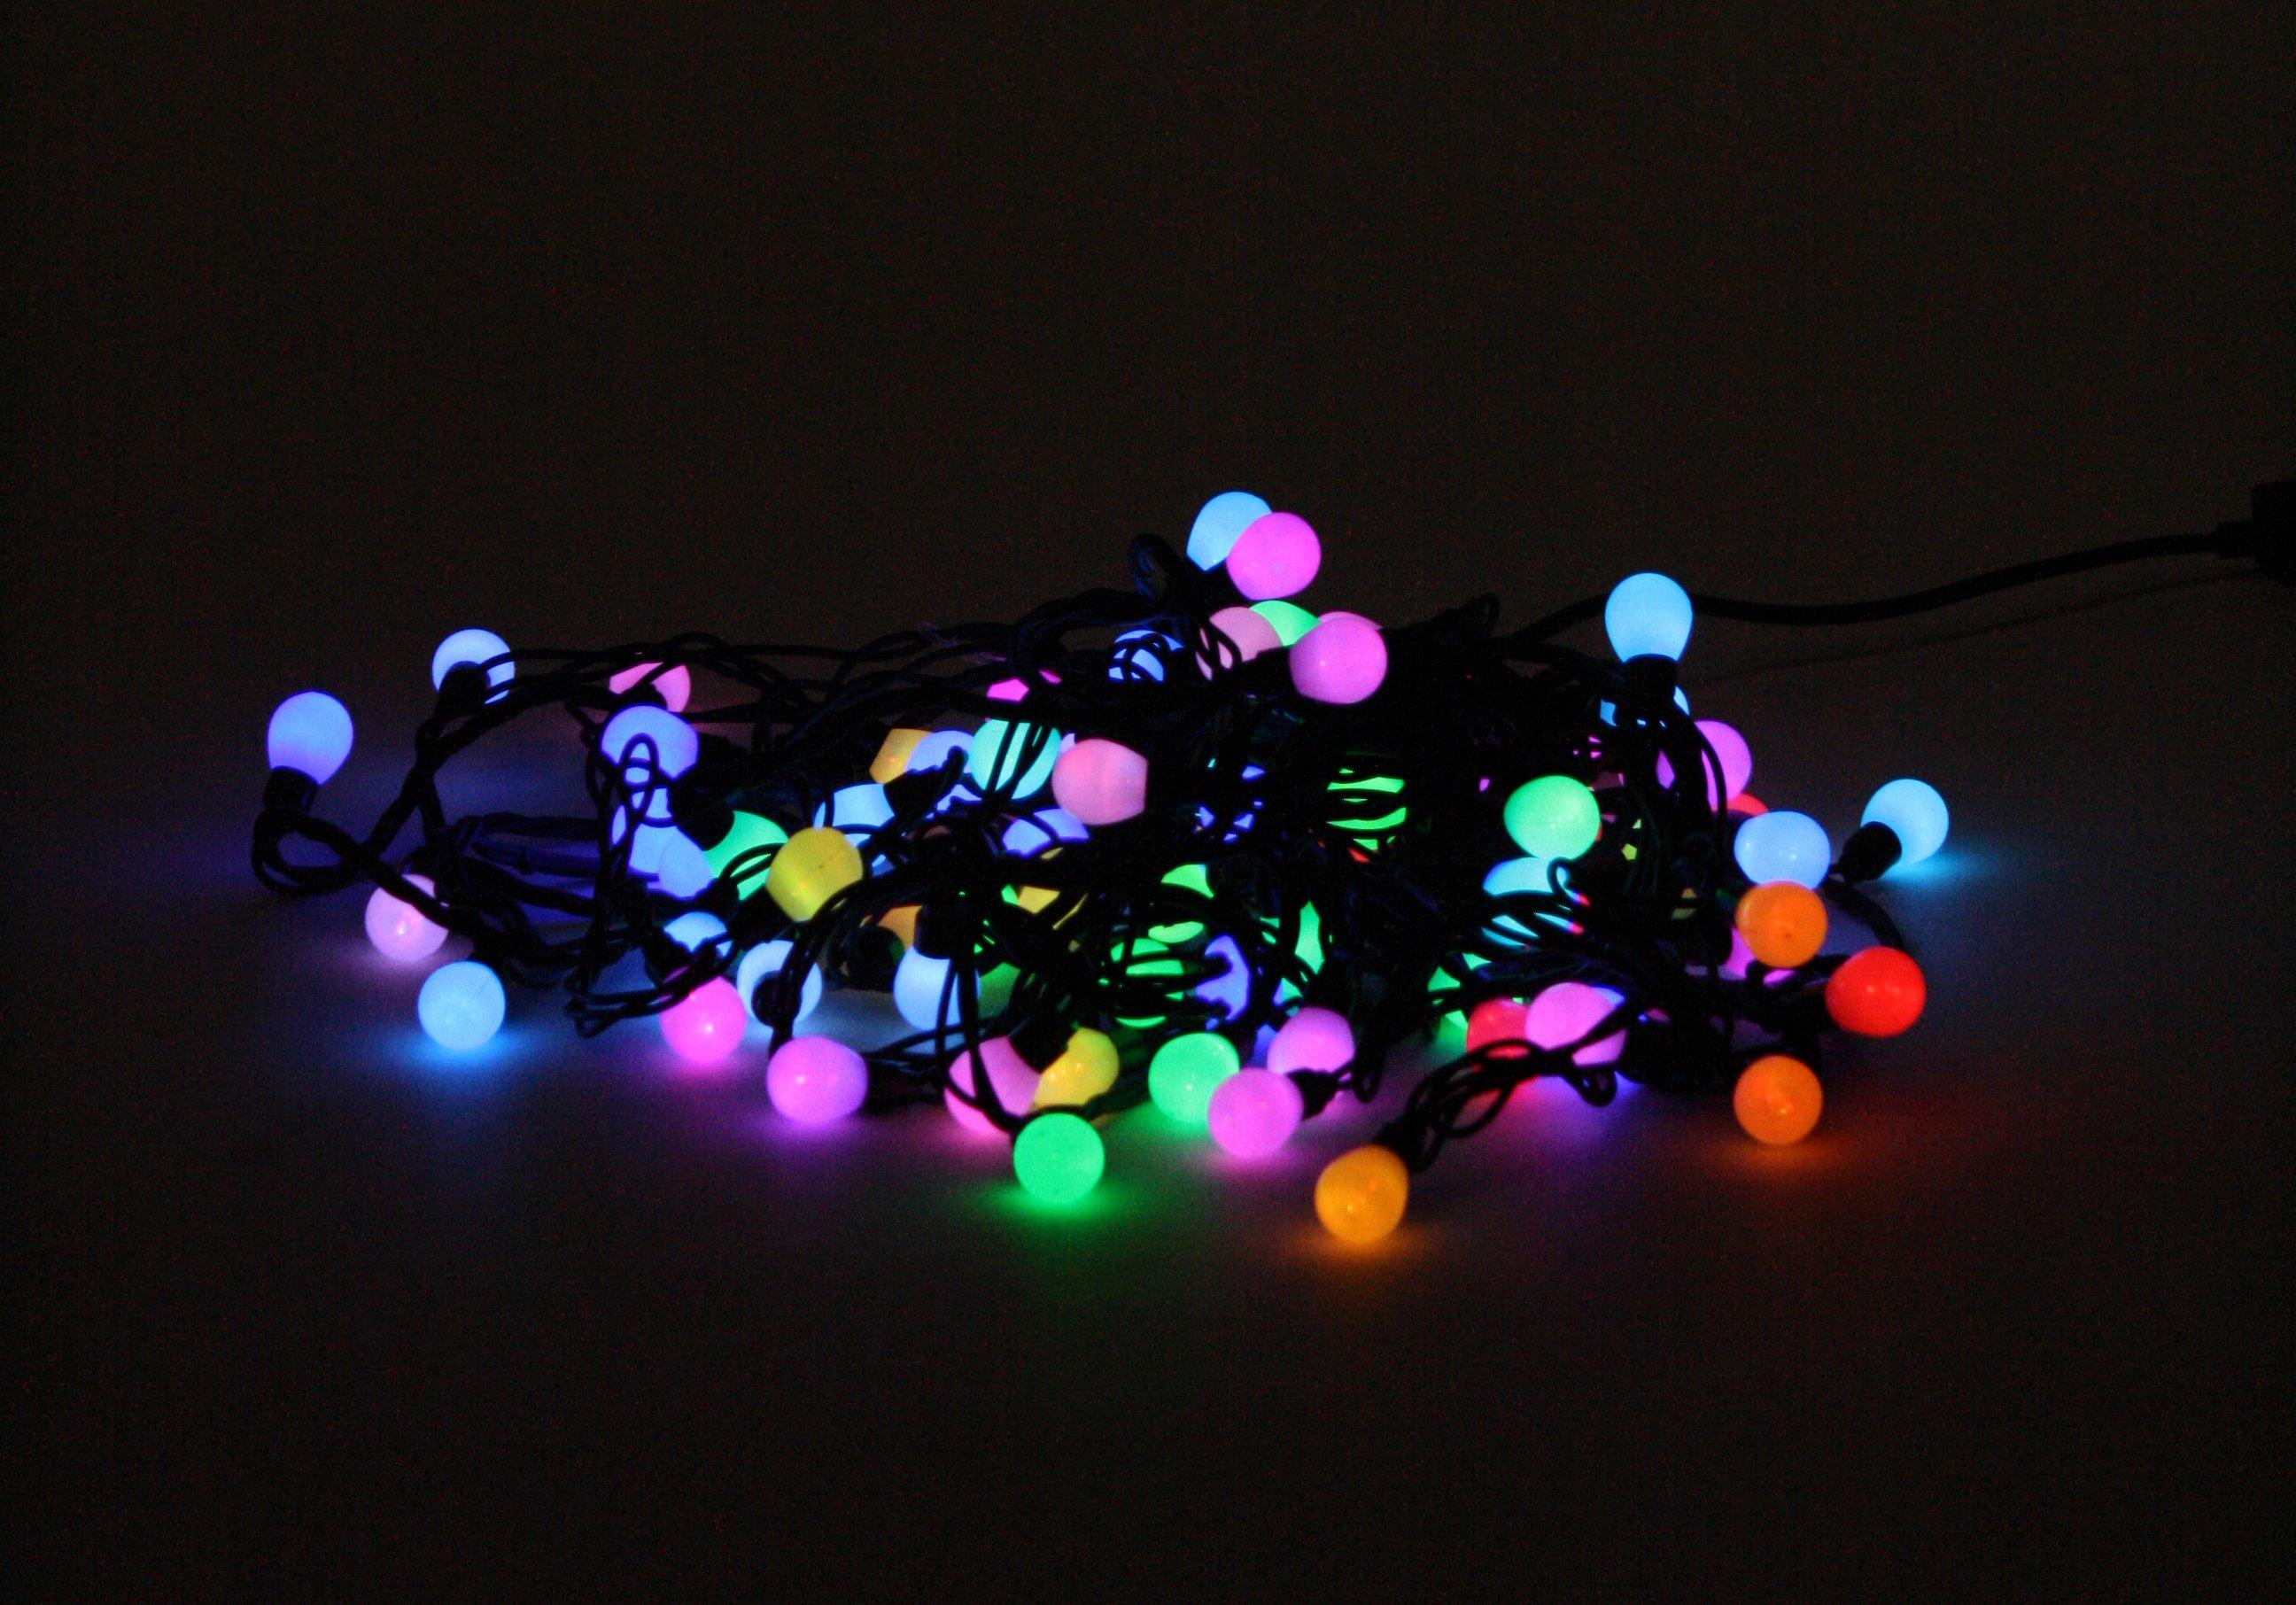 Mini Festoon lights